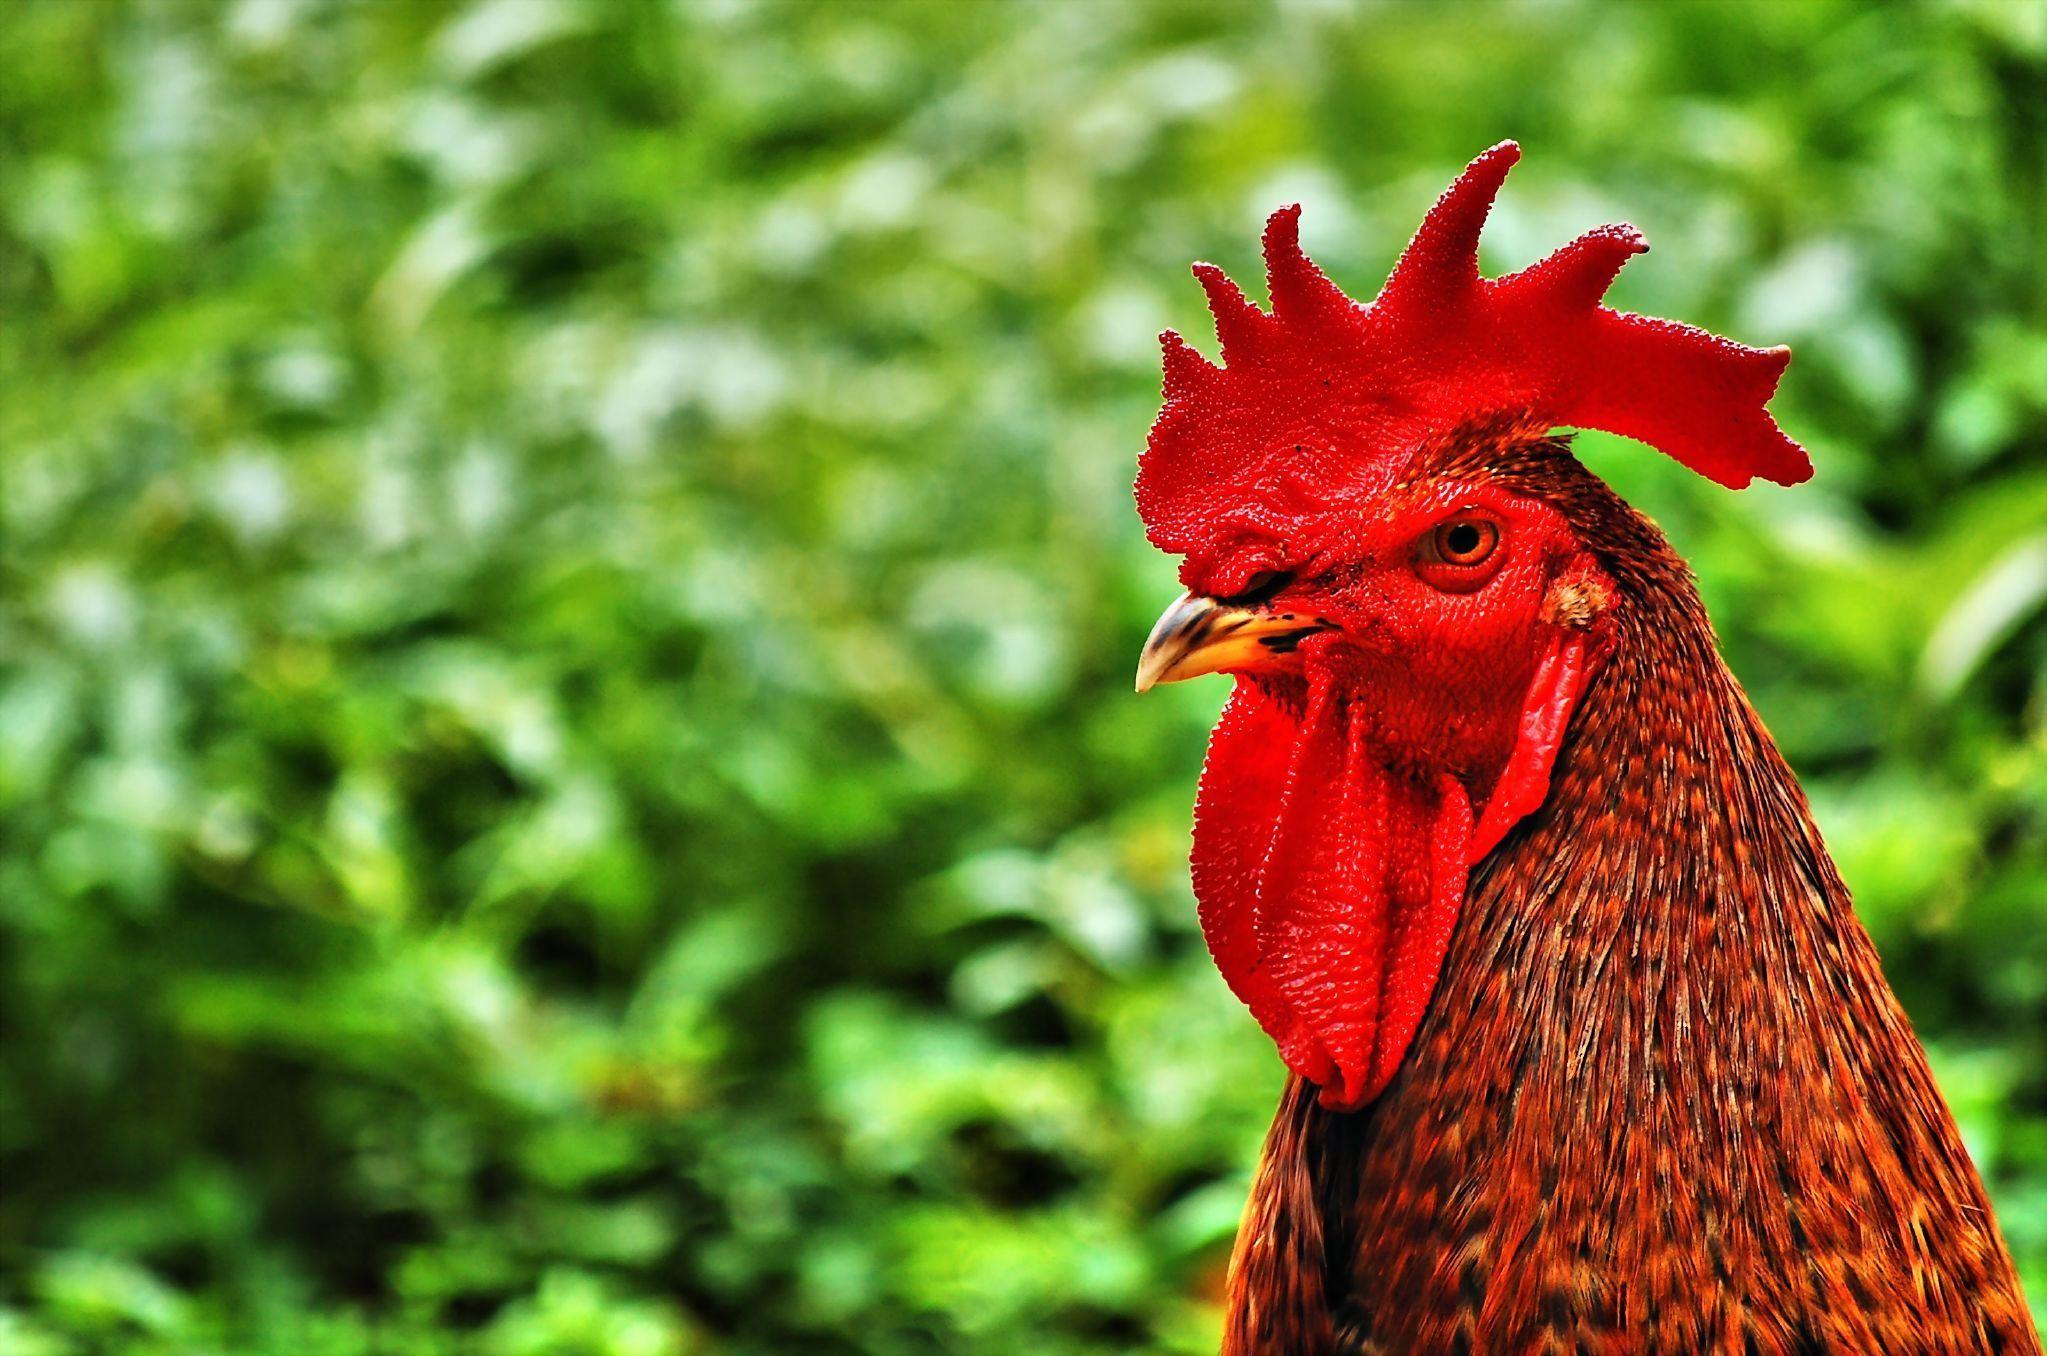 Chicken Rooster wallpaper 2047x1356 163072 WallpaperUP 2047x1356